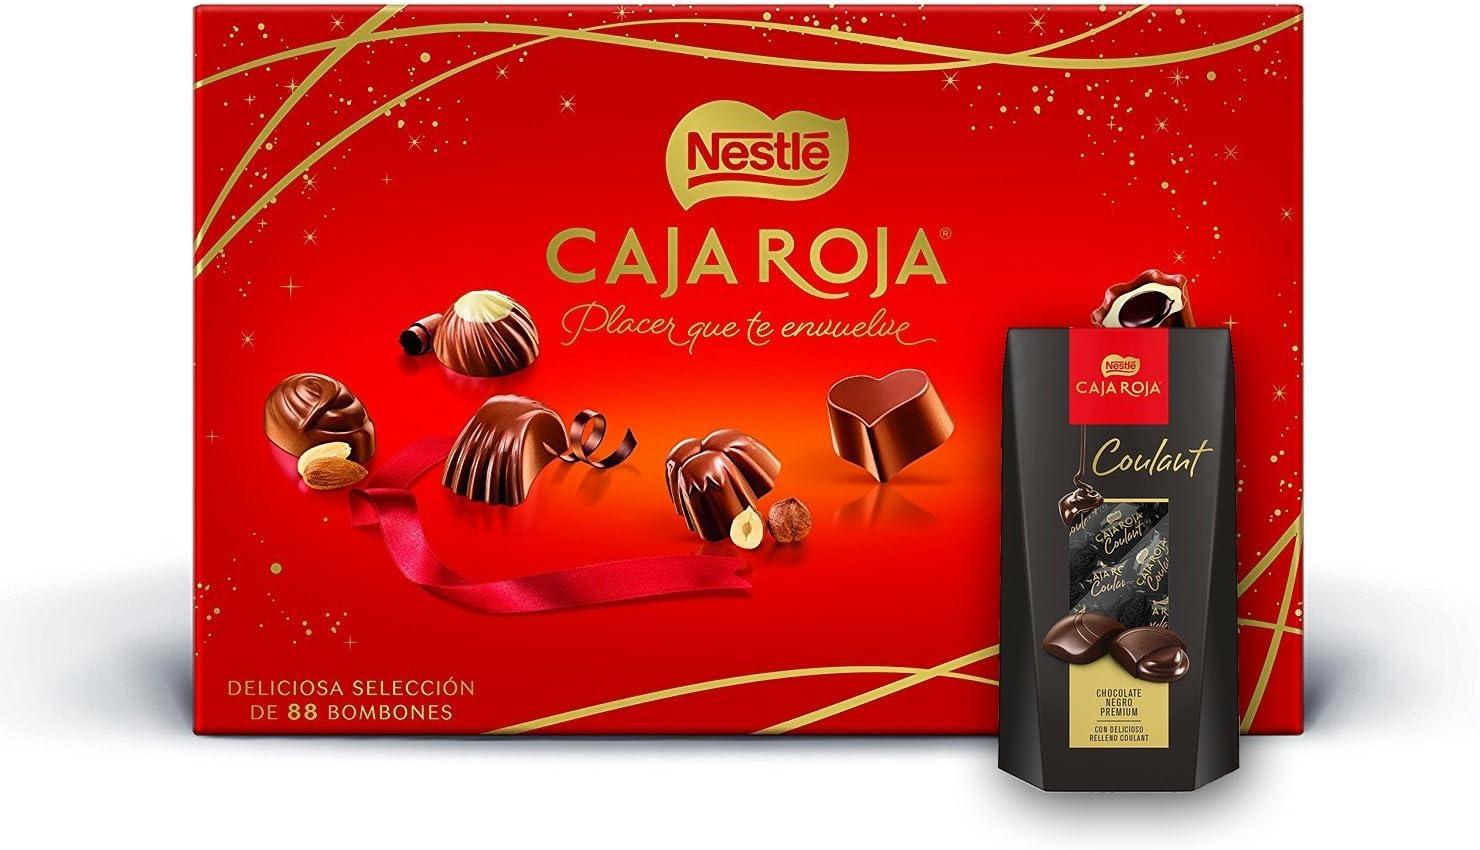 Nestlé caja roja 800gr + Nestlé Coulant Chocolate Negro Premium: Amazon.es: Alimentación y bebidas